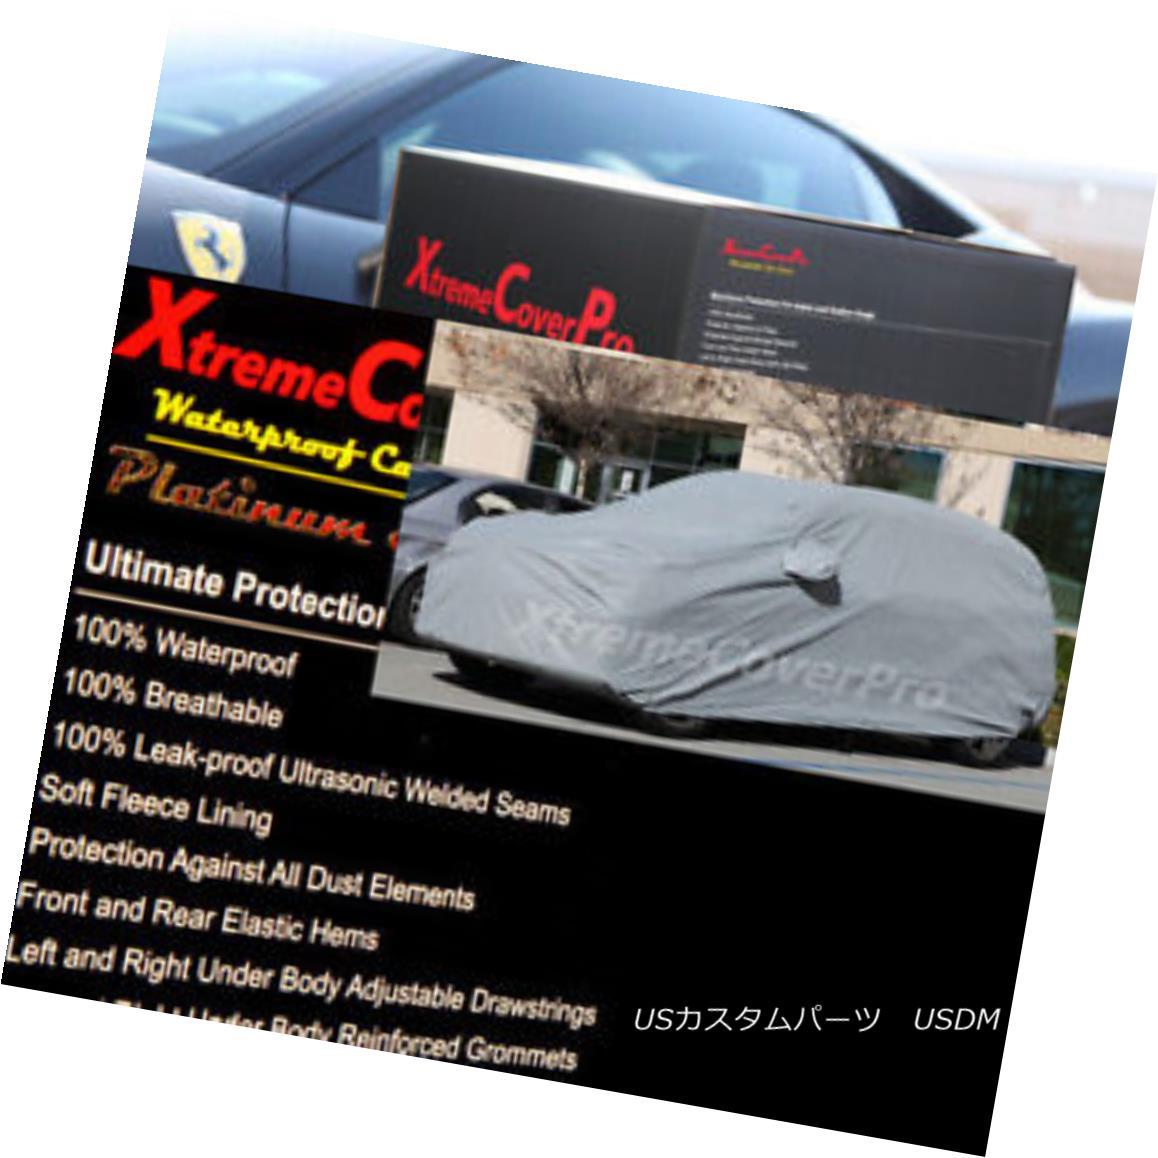 カーカバー 2015 MAZDA CX-9 Waterproof Car Cover w/Mirror Pockets - Gray 2015 MAZDA CX-9ミラーポケット付き防水カーカバー - グレー